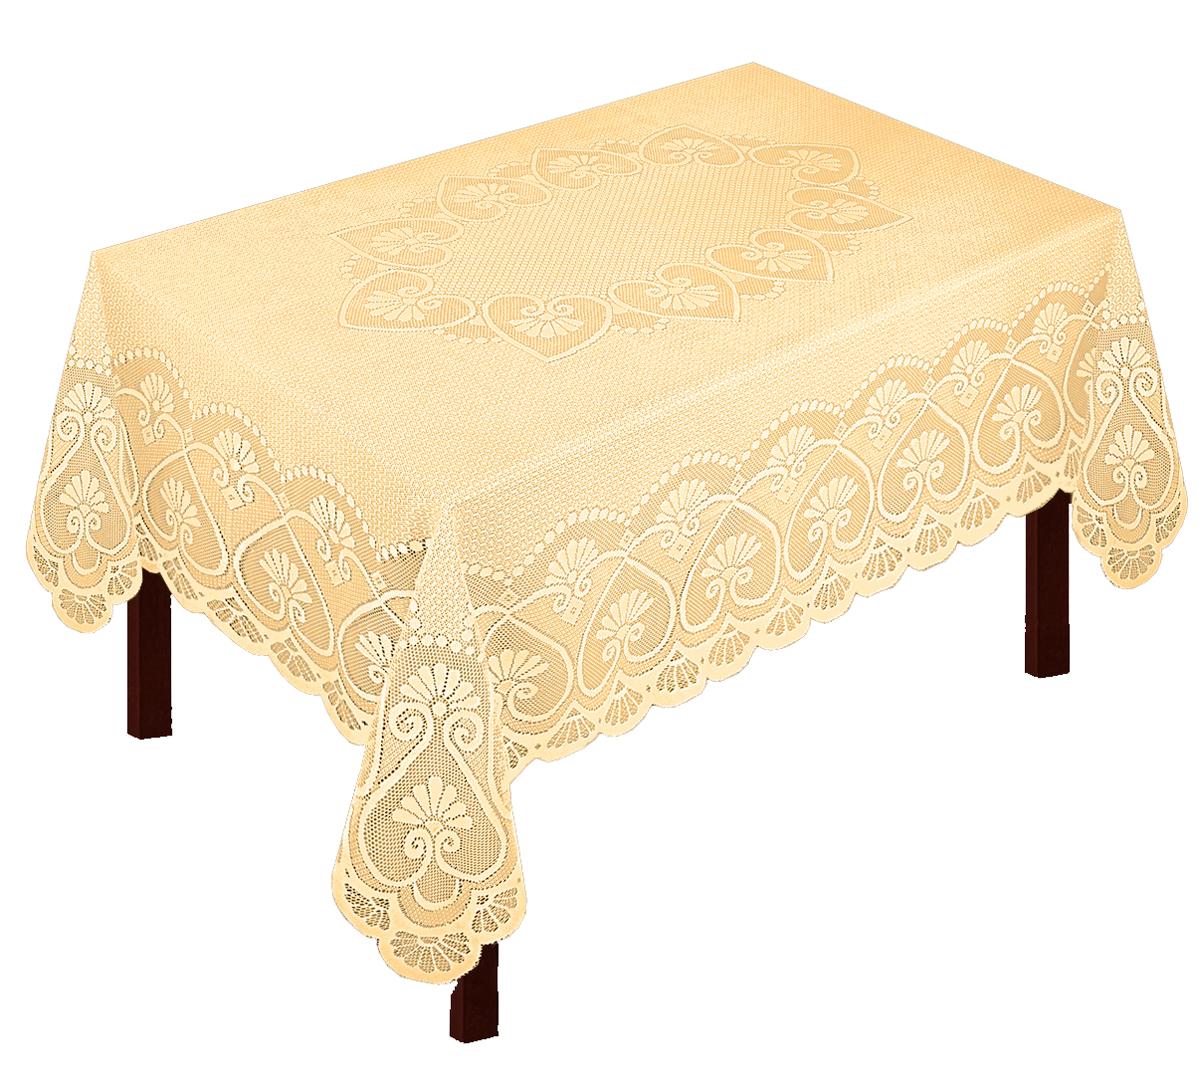 Скатерть Zlata Korunka, прямоугольная, цвет: золотистый, 205 х 165 см. 8002980029Великолепная скатерть Zlata Korunka, выполненная из полиэстера жаккардового переплетения, органично впишется в интерьер любого помещения, а оригинальный дизайн удовлетворит даже самый изысканный вкус. Изделие не скользит со стола, легко стирается и прослужит вам долгое время. Скатерть создаст праздничное настроение и станет прекрасным дополнением интерьера гостиной, кухни или столовой.